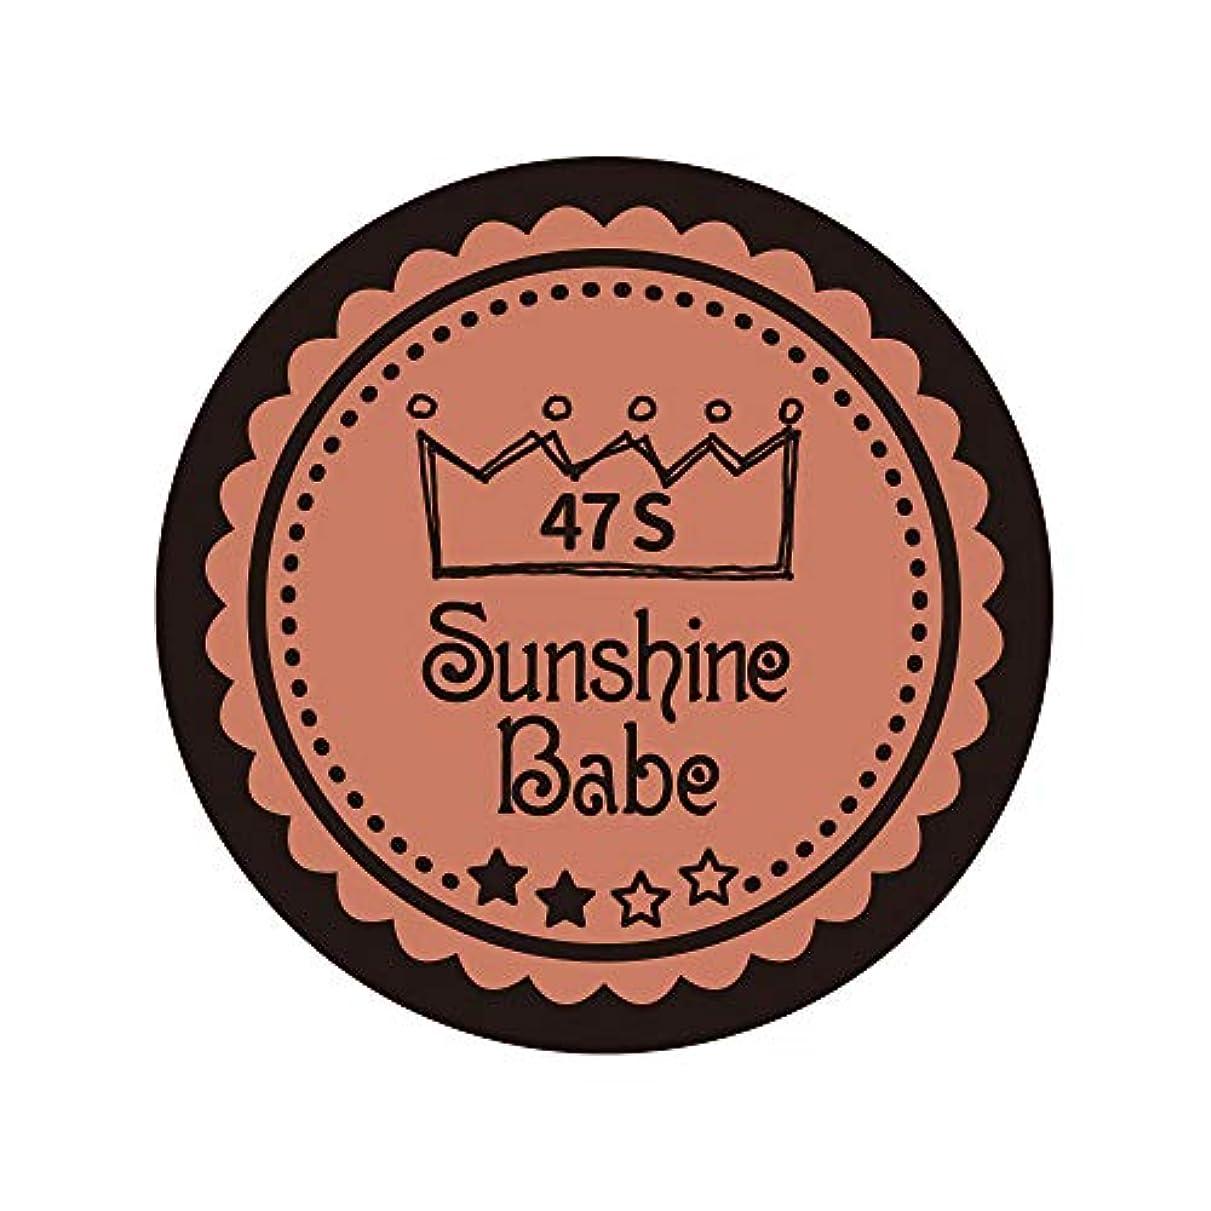 器官アジテーション詩Sunshine Babe カラージェル 47S ピーチブラウン 2.7g UV/LED対応